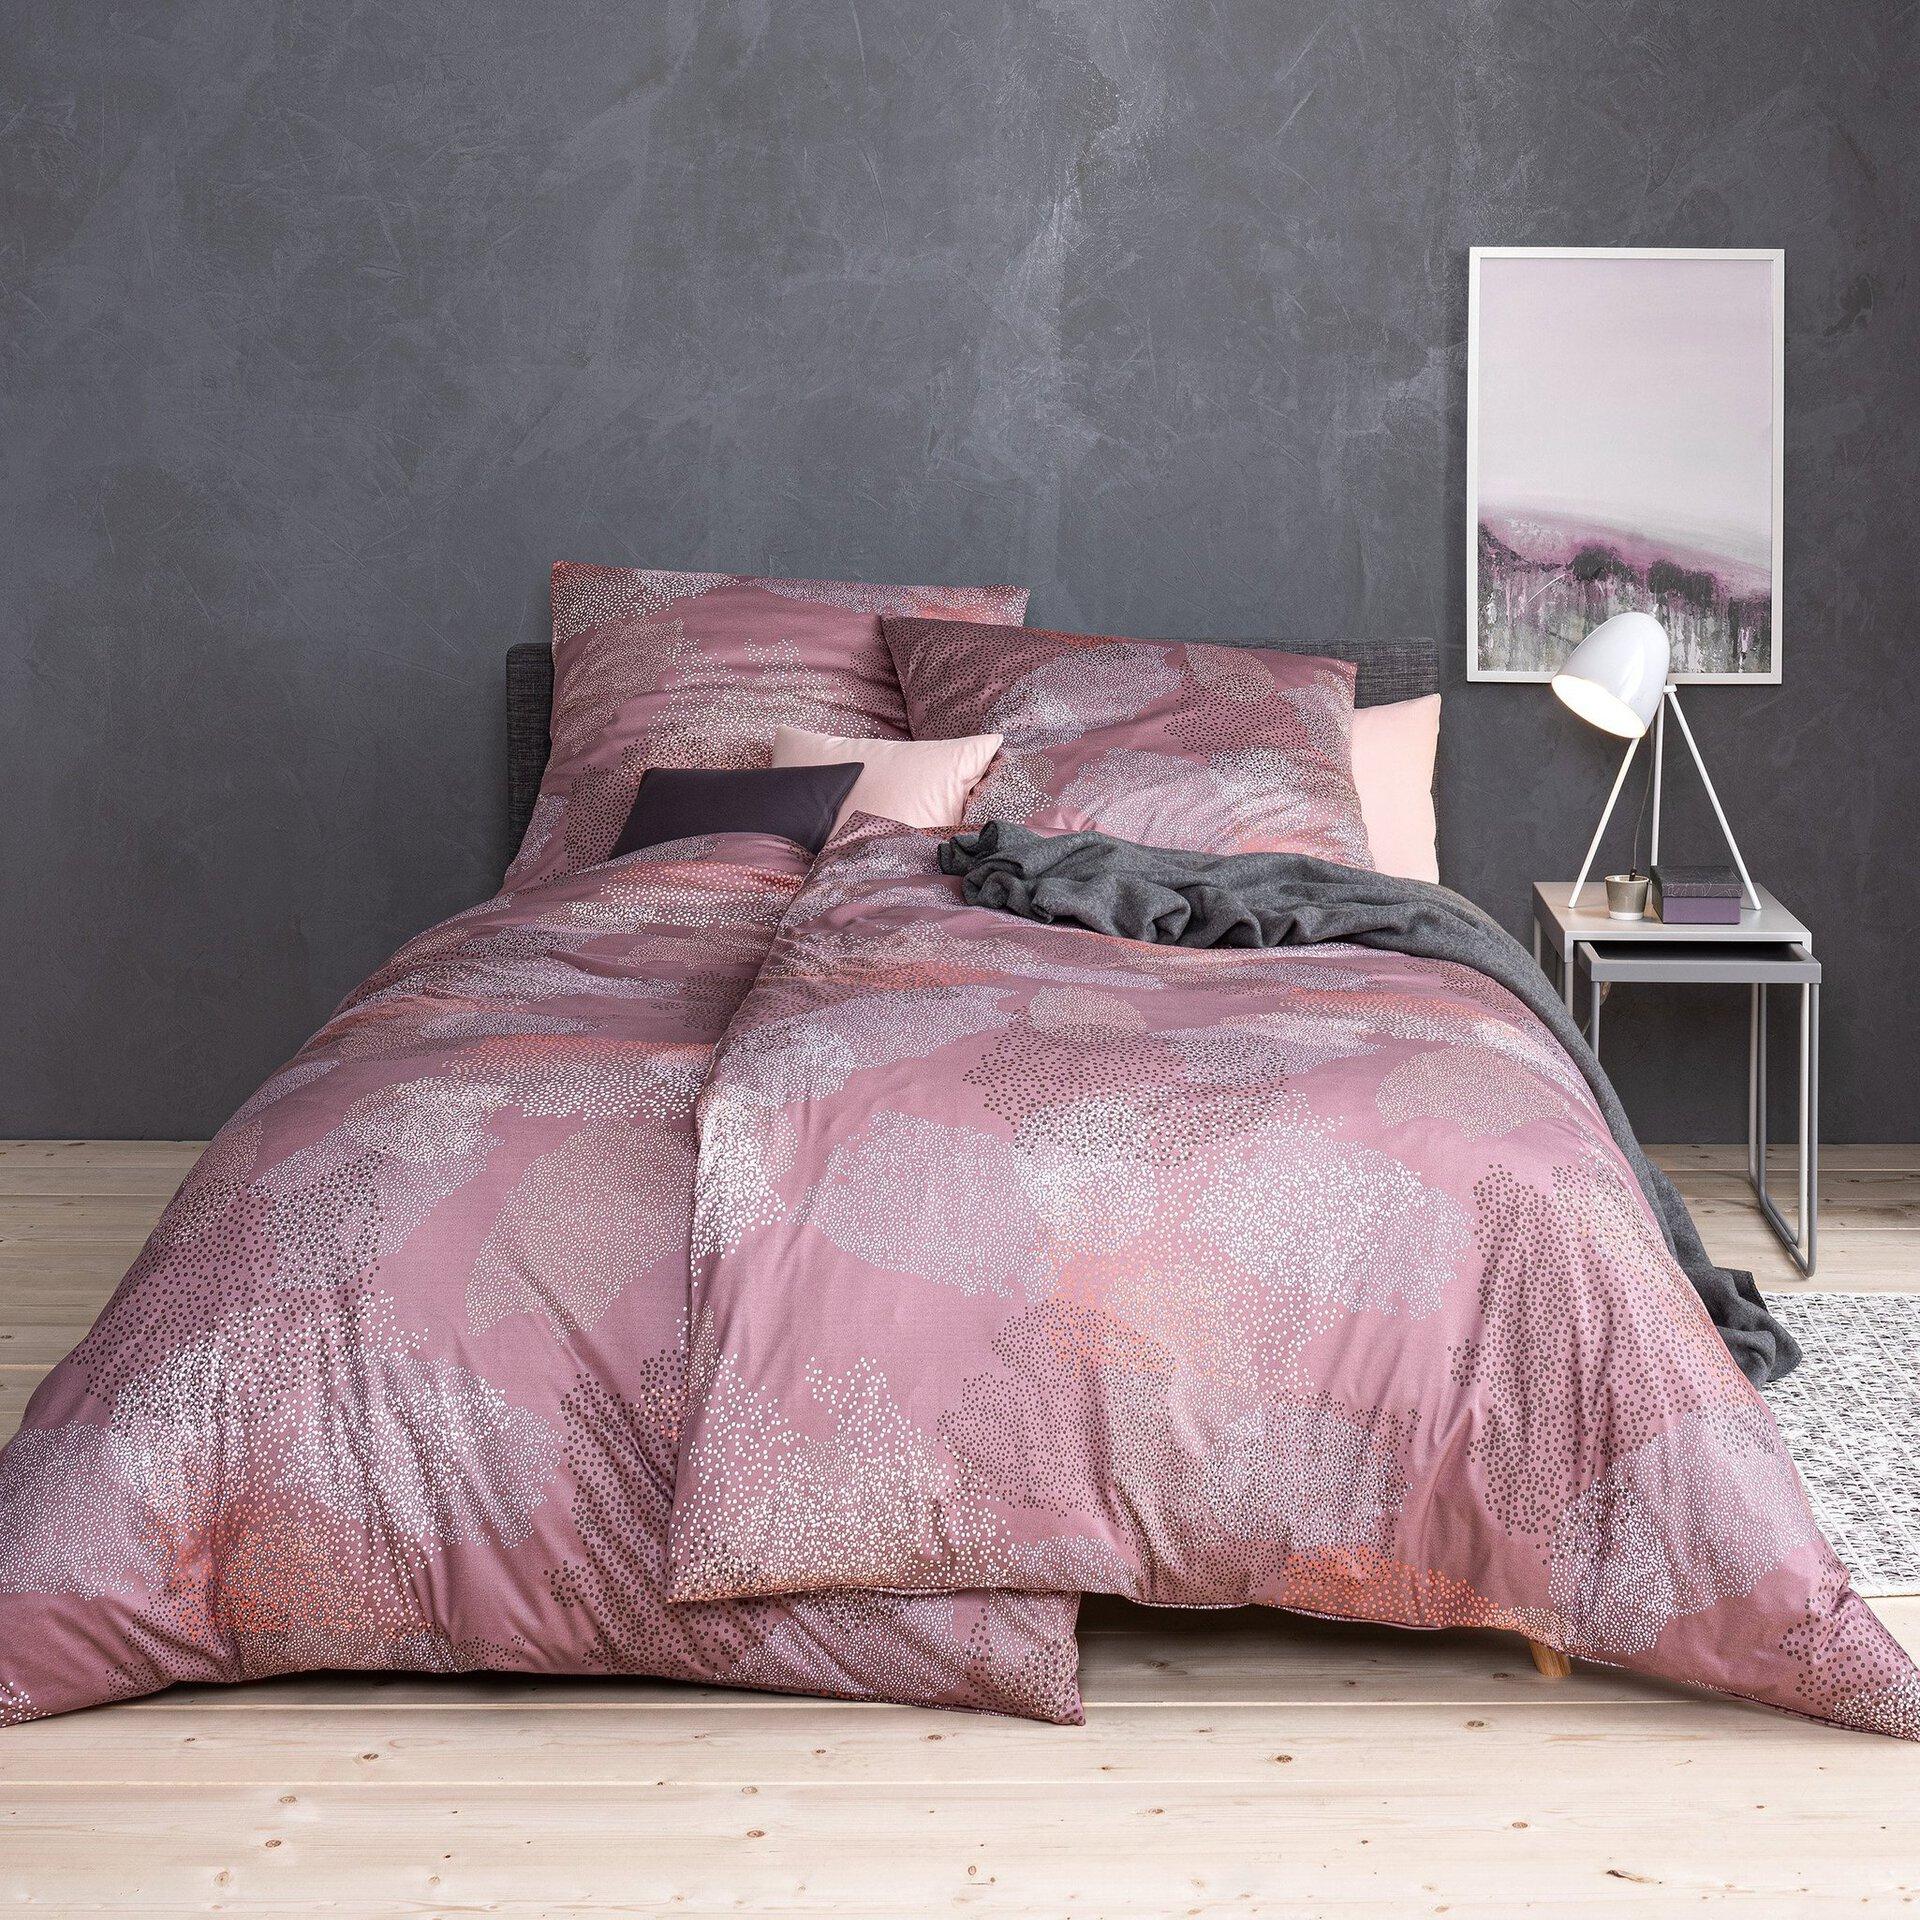 Jersey-Bettwäsche Marino Estella Textil rosa 1 x 2 cm